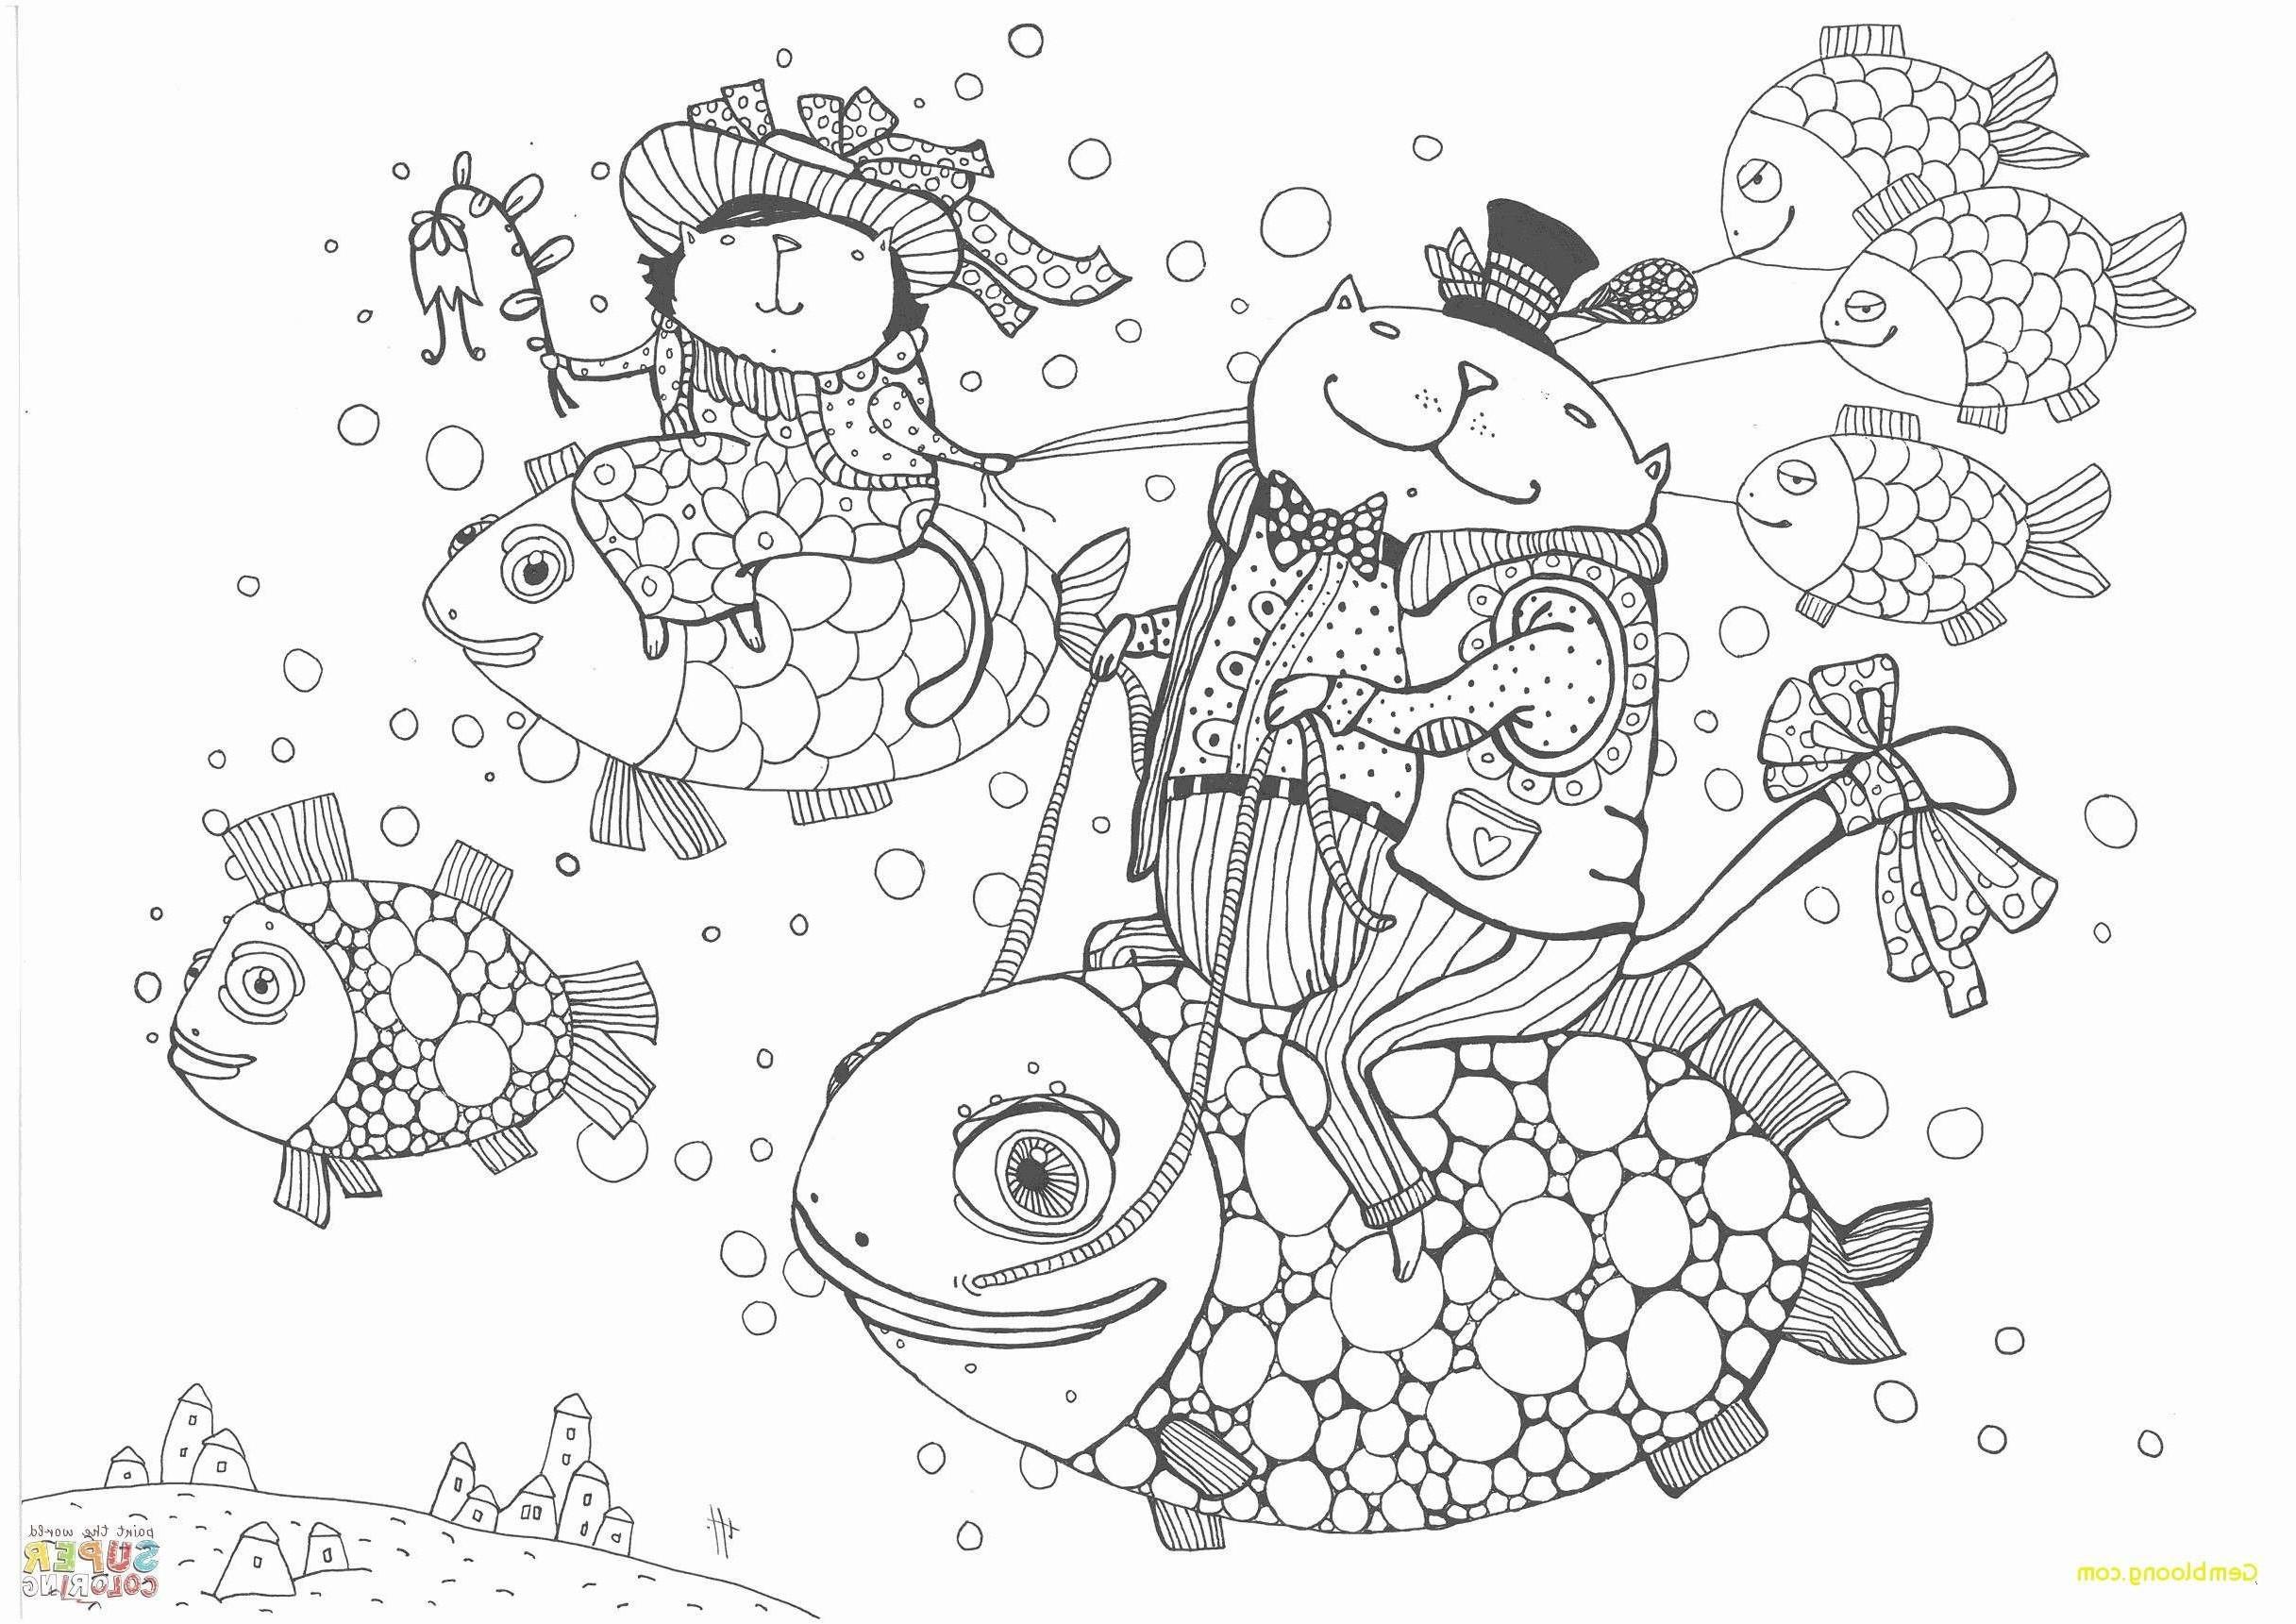 Ausmalbilder Tiere Im Wasser Genial 28 Schön Malvorlage Dinosaurier – Malvorlagen Ideen Bild